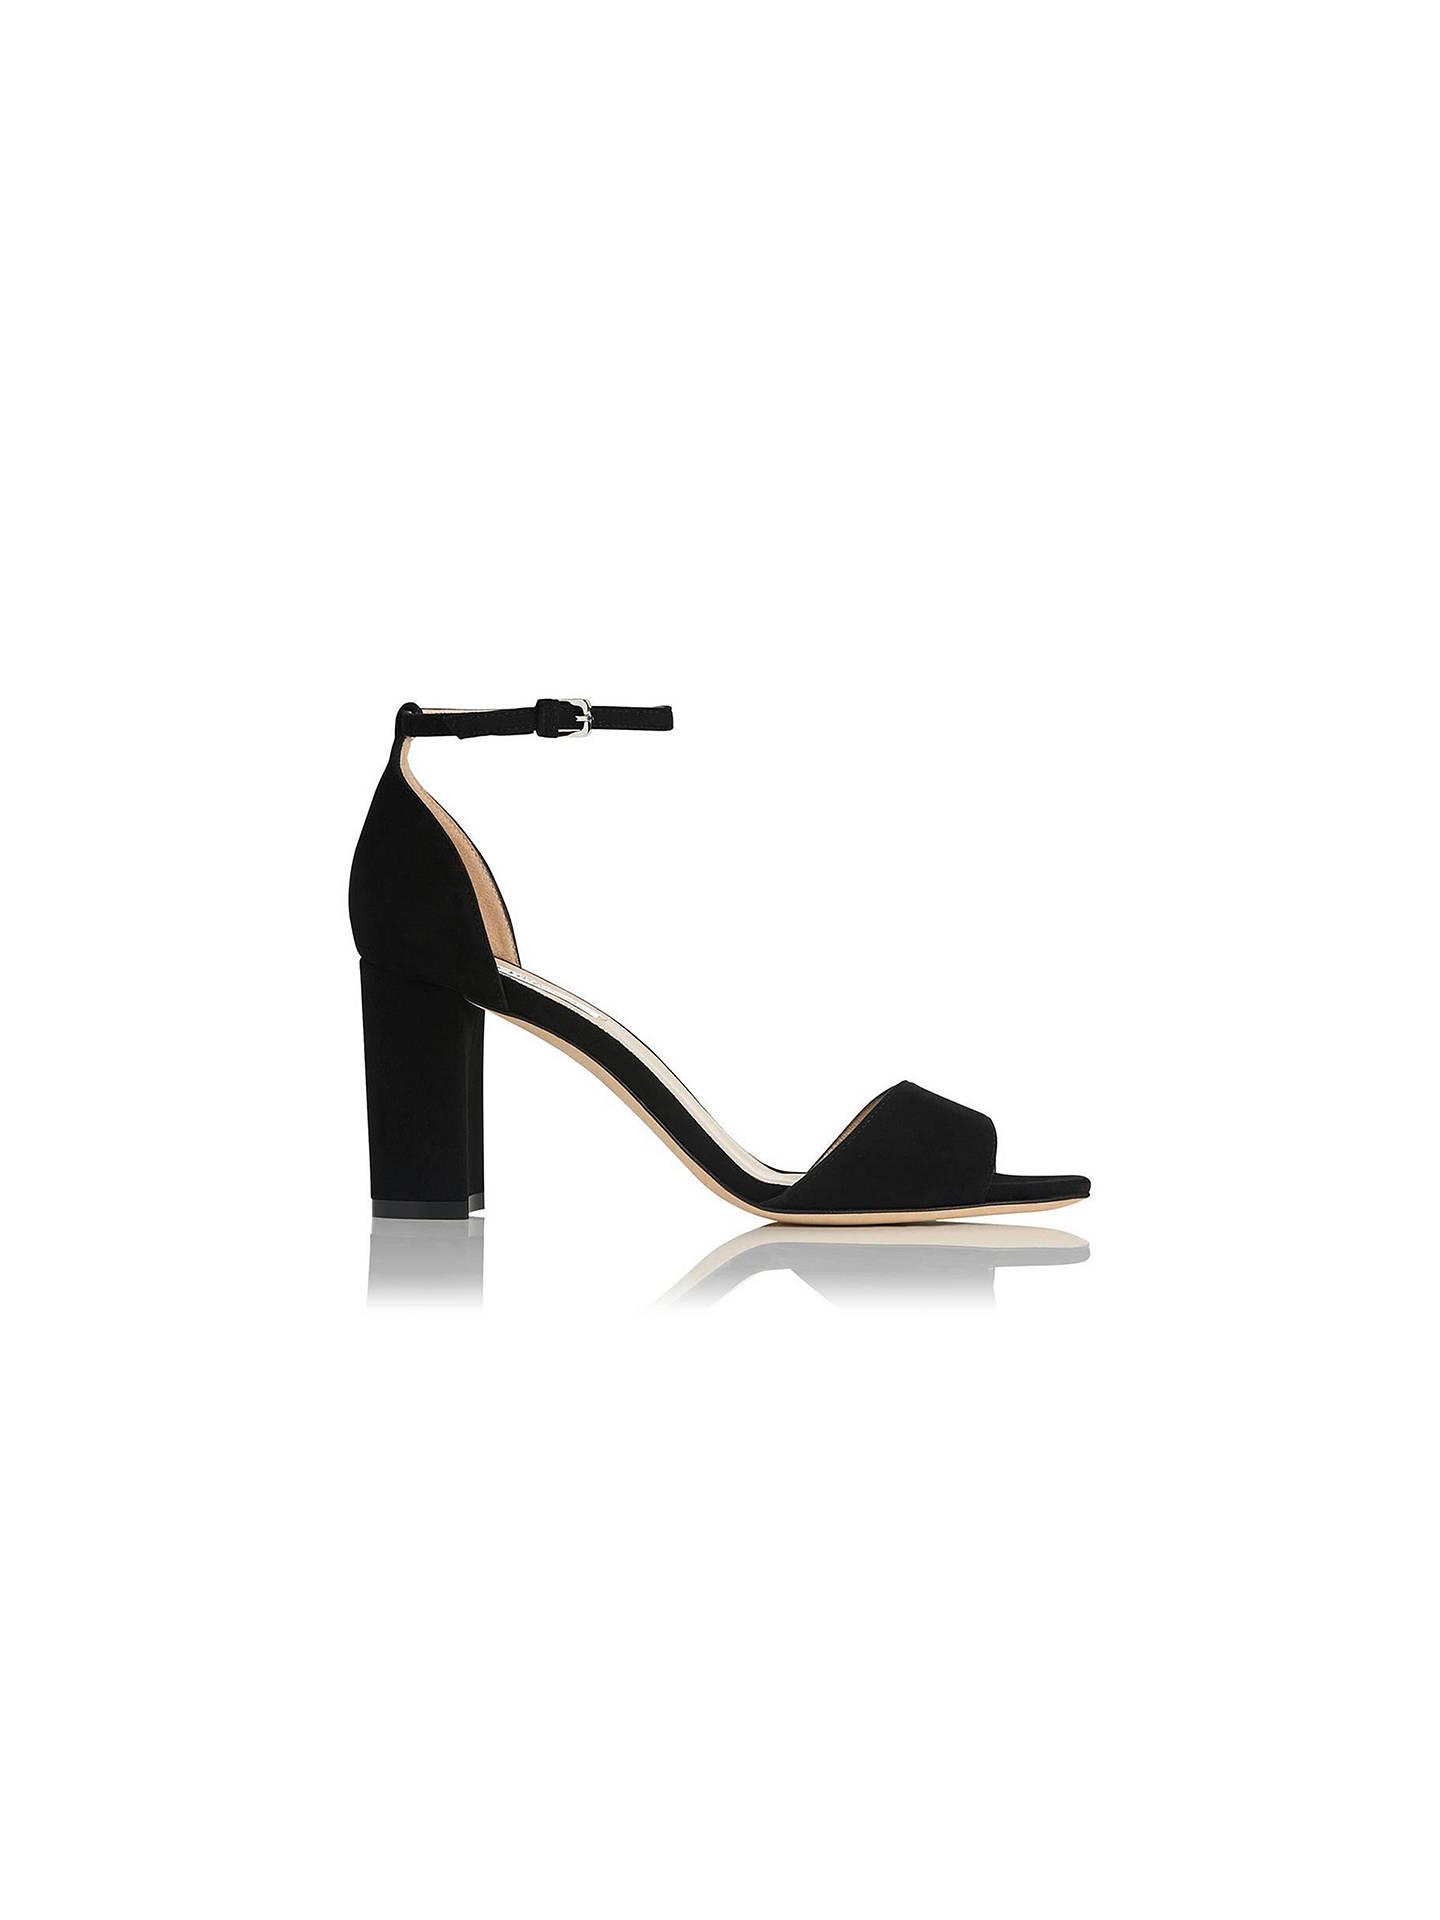 8febc36f62f2 Buy L.K. Bennett Helena Block Heeled Sandals